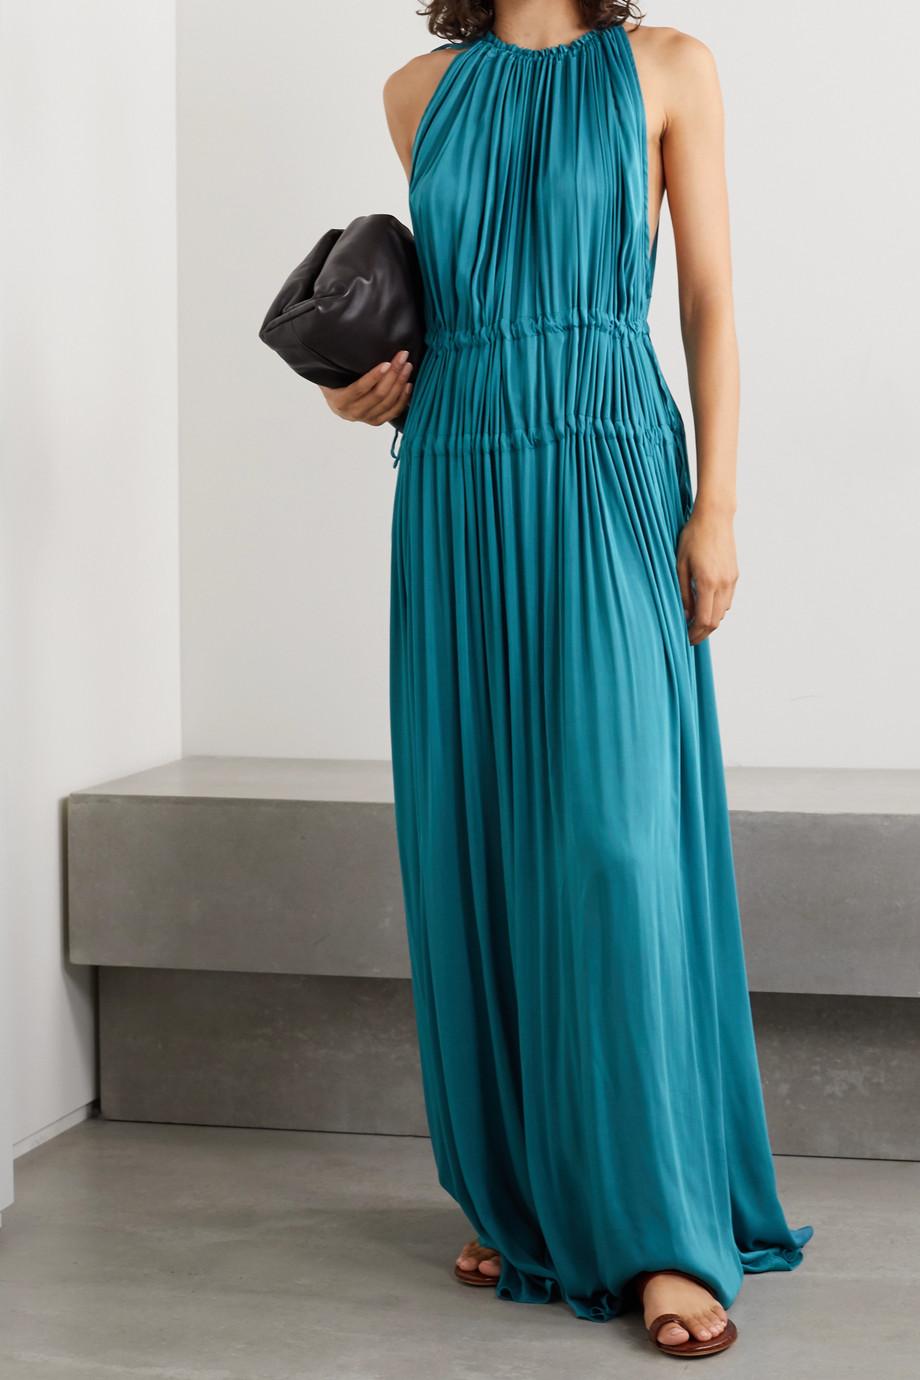 BONDI BORN + NET SUSTAIN Resplendent gathered washed-satin maxi dress